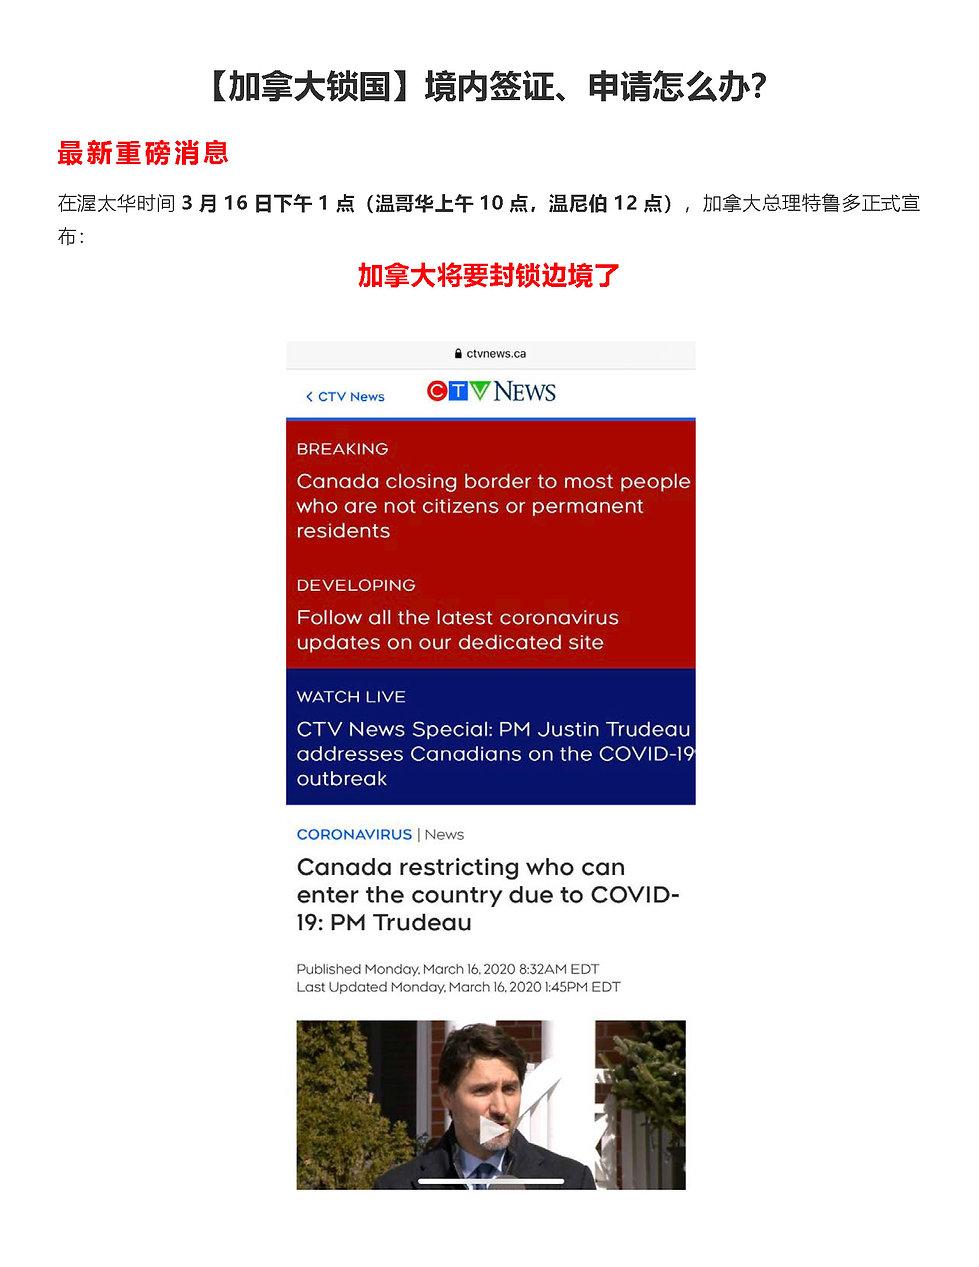 202003318 温尼伯站帖子_Page_07.jpg